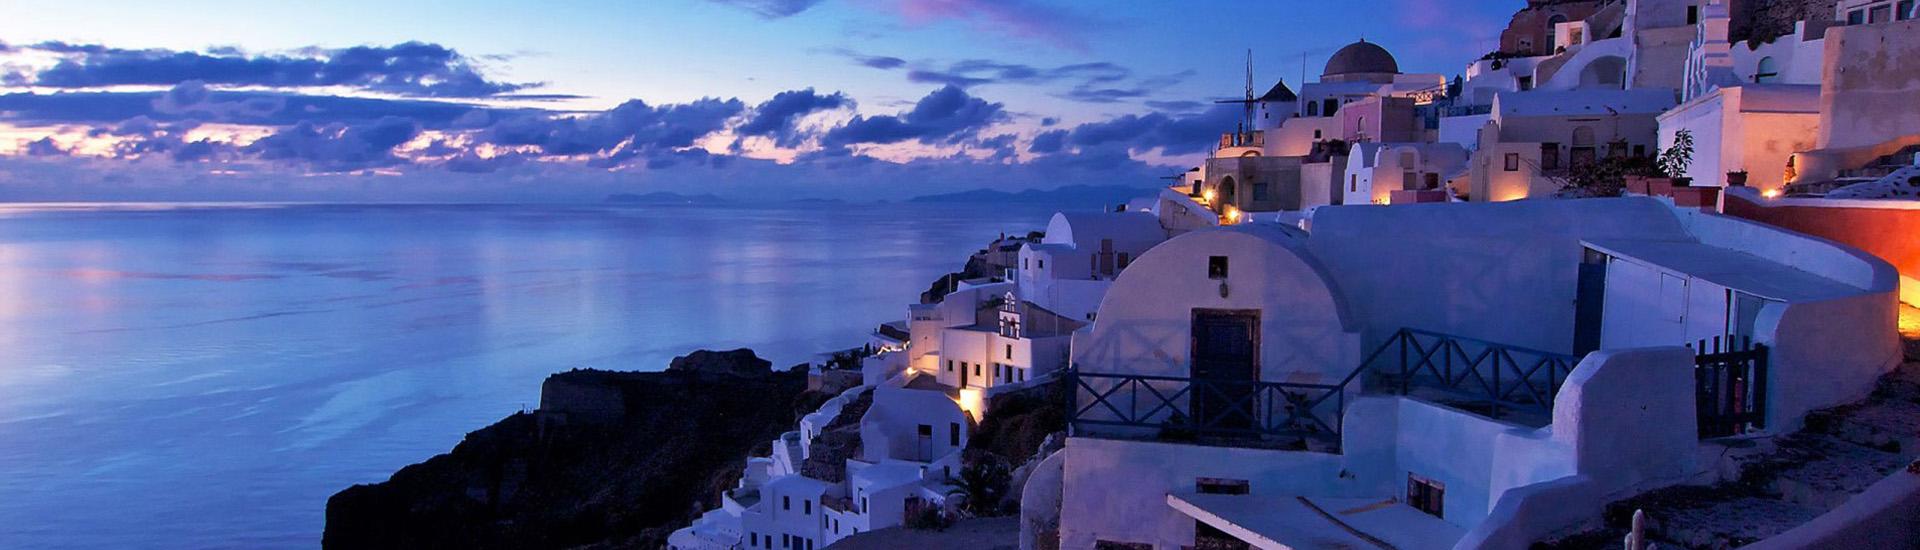 Specijalne ponude - Grčka ostrva 2016